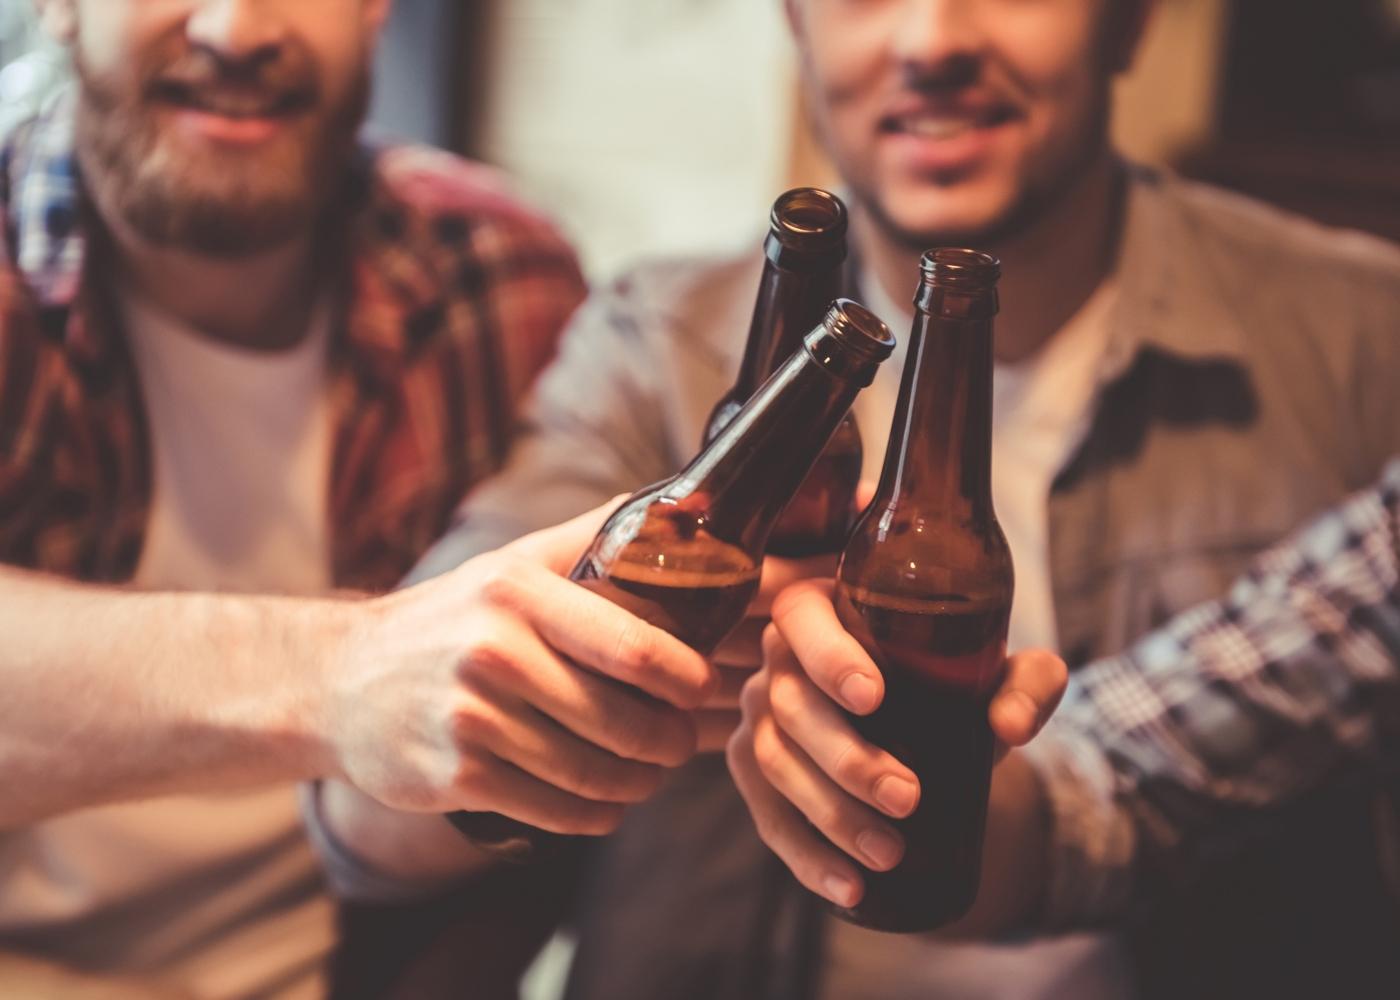 amigos num bar a beber cerveja